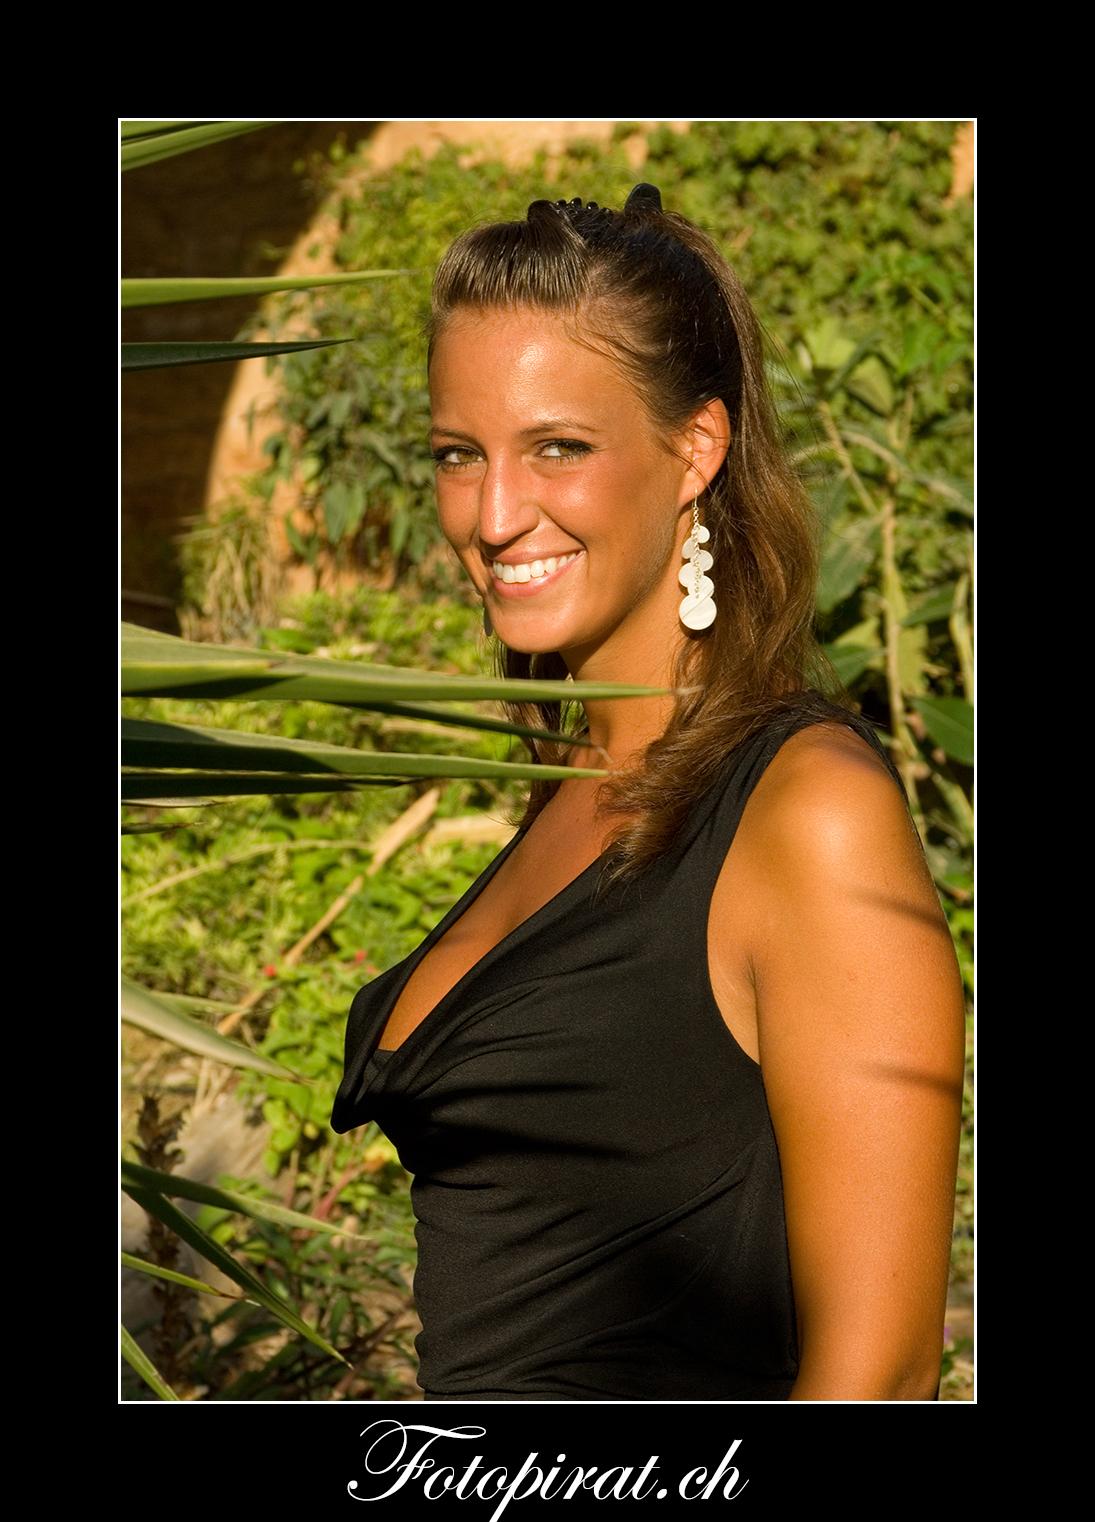 Fotoshooting, outdoor, Modelagentur, sexy Model, Sportmodel, Portrait, schöne Augen, Fotomodel